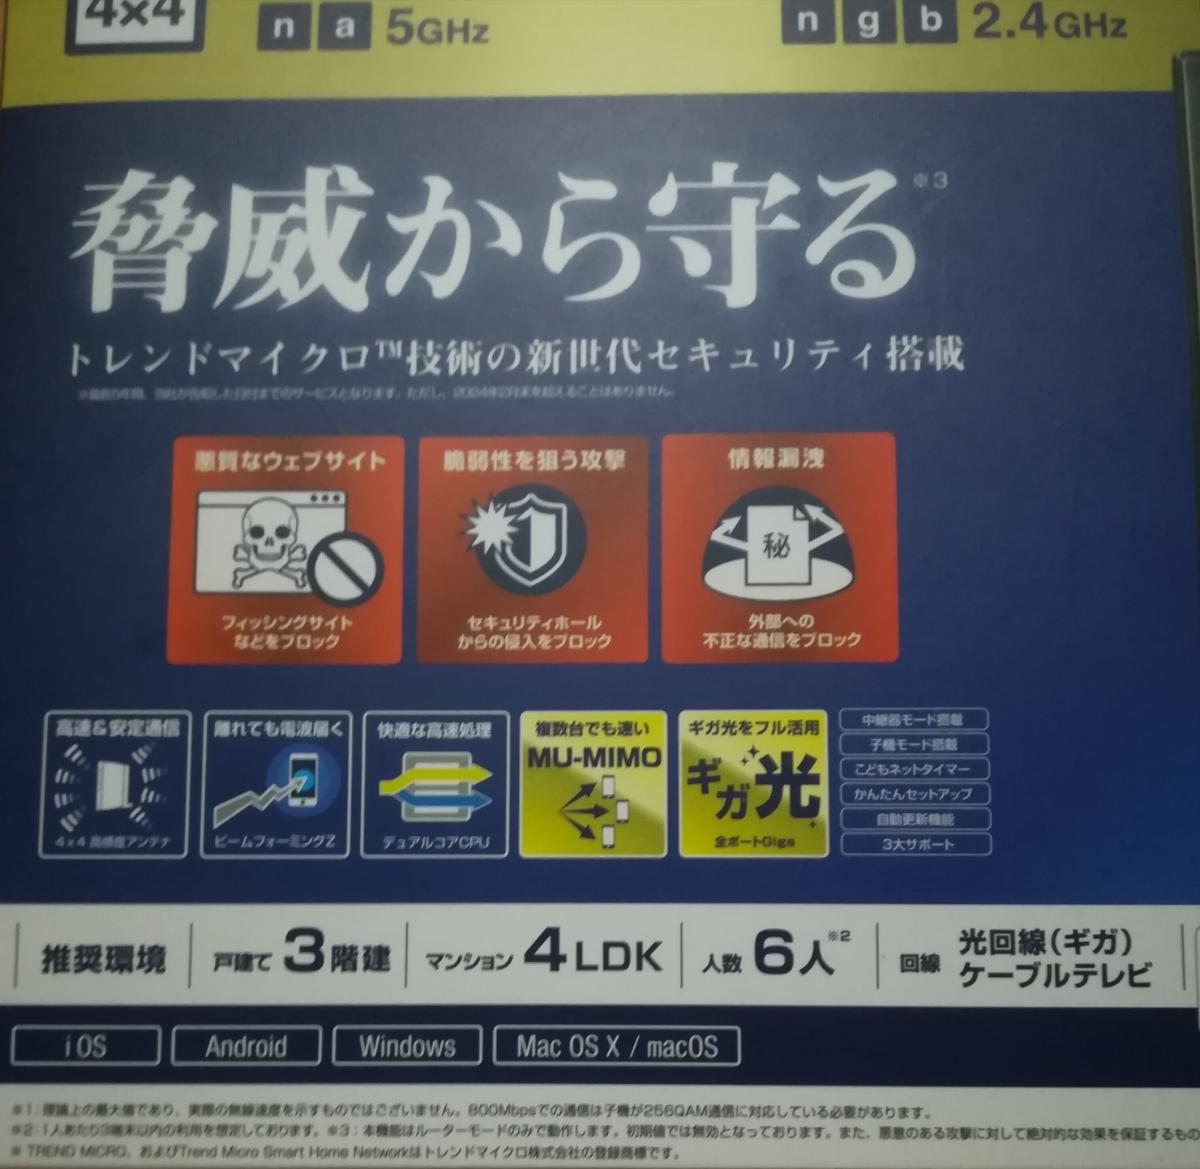 無線LAN エレコム WRC-2533GHBK2-T ELECOM 親機 ルーター wi-fi 11ac 4x4 1733 800 2533 n a 5GHz 2.4GHz_画像3